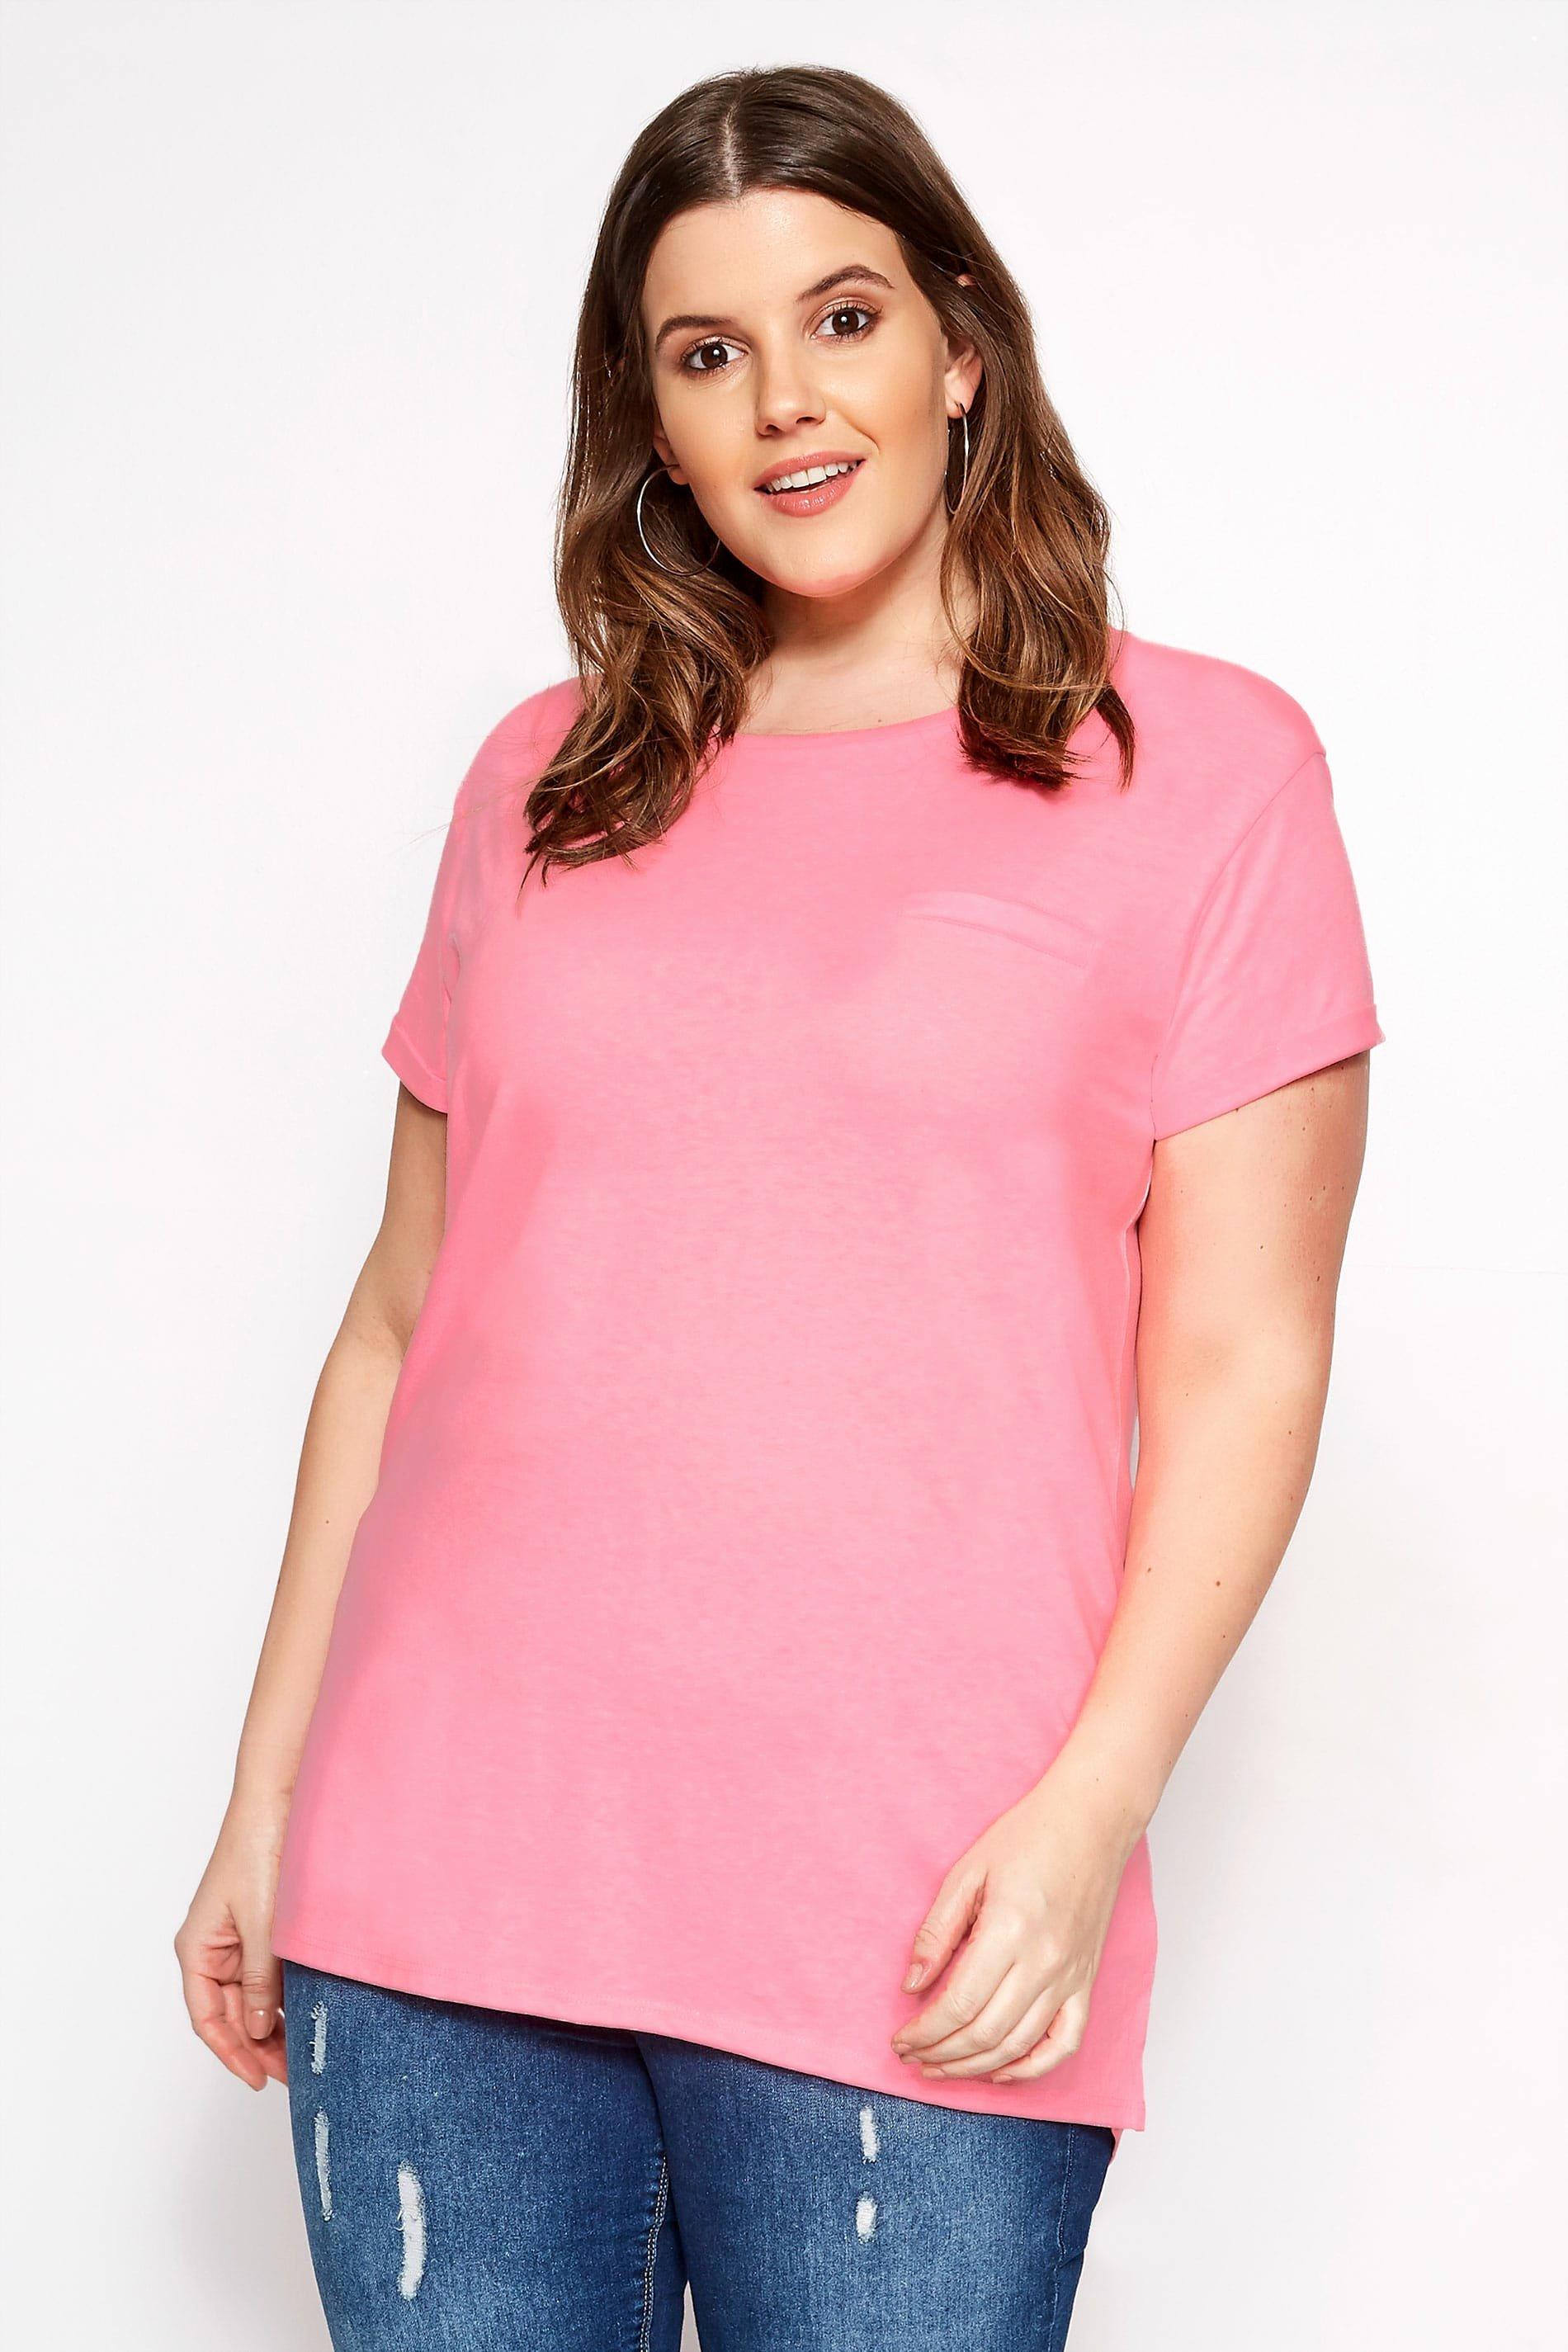 Like Us On Facebook Template Lovely T Shirt Pink Große Größen 44 64